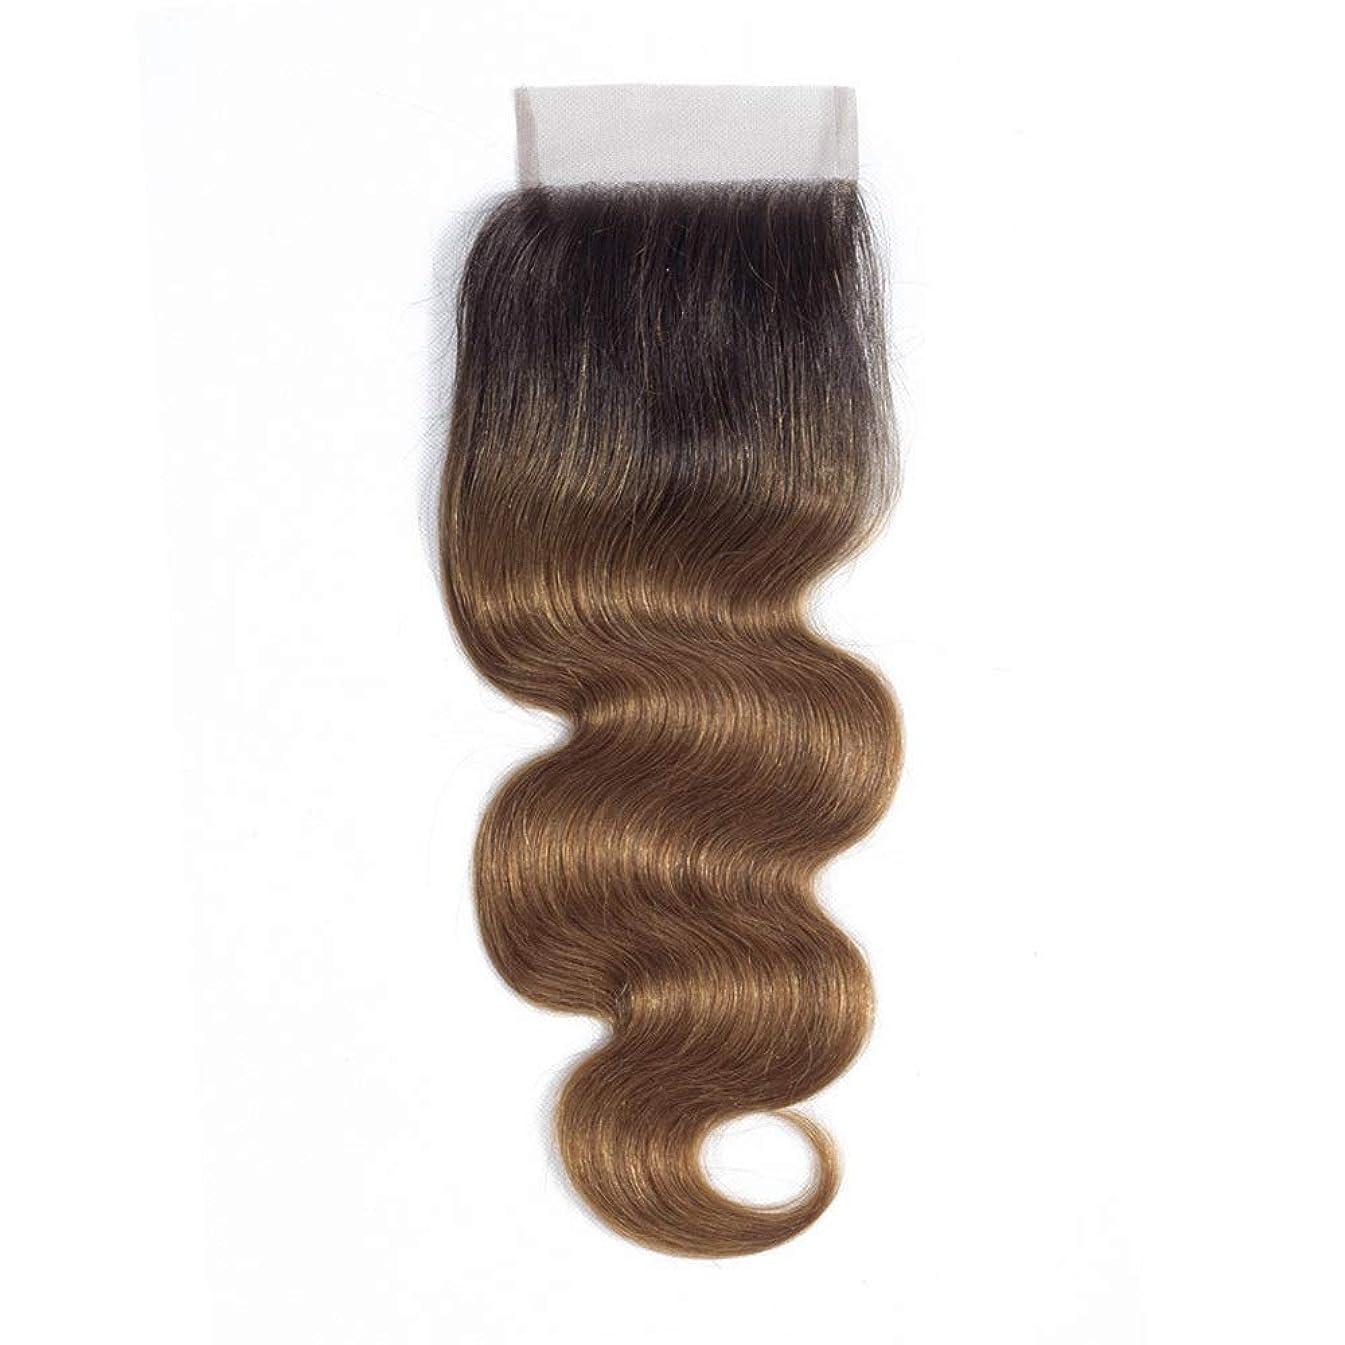 賢明なコンサルタント大通りHOHYLLYA ブラジル実体波人間の髪の毛4 x 4